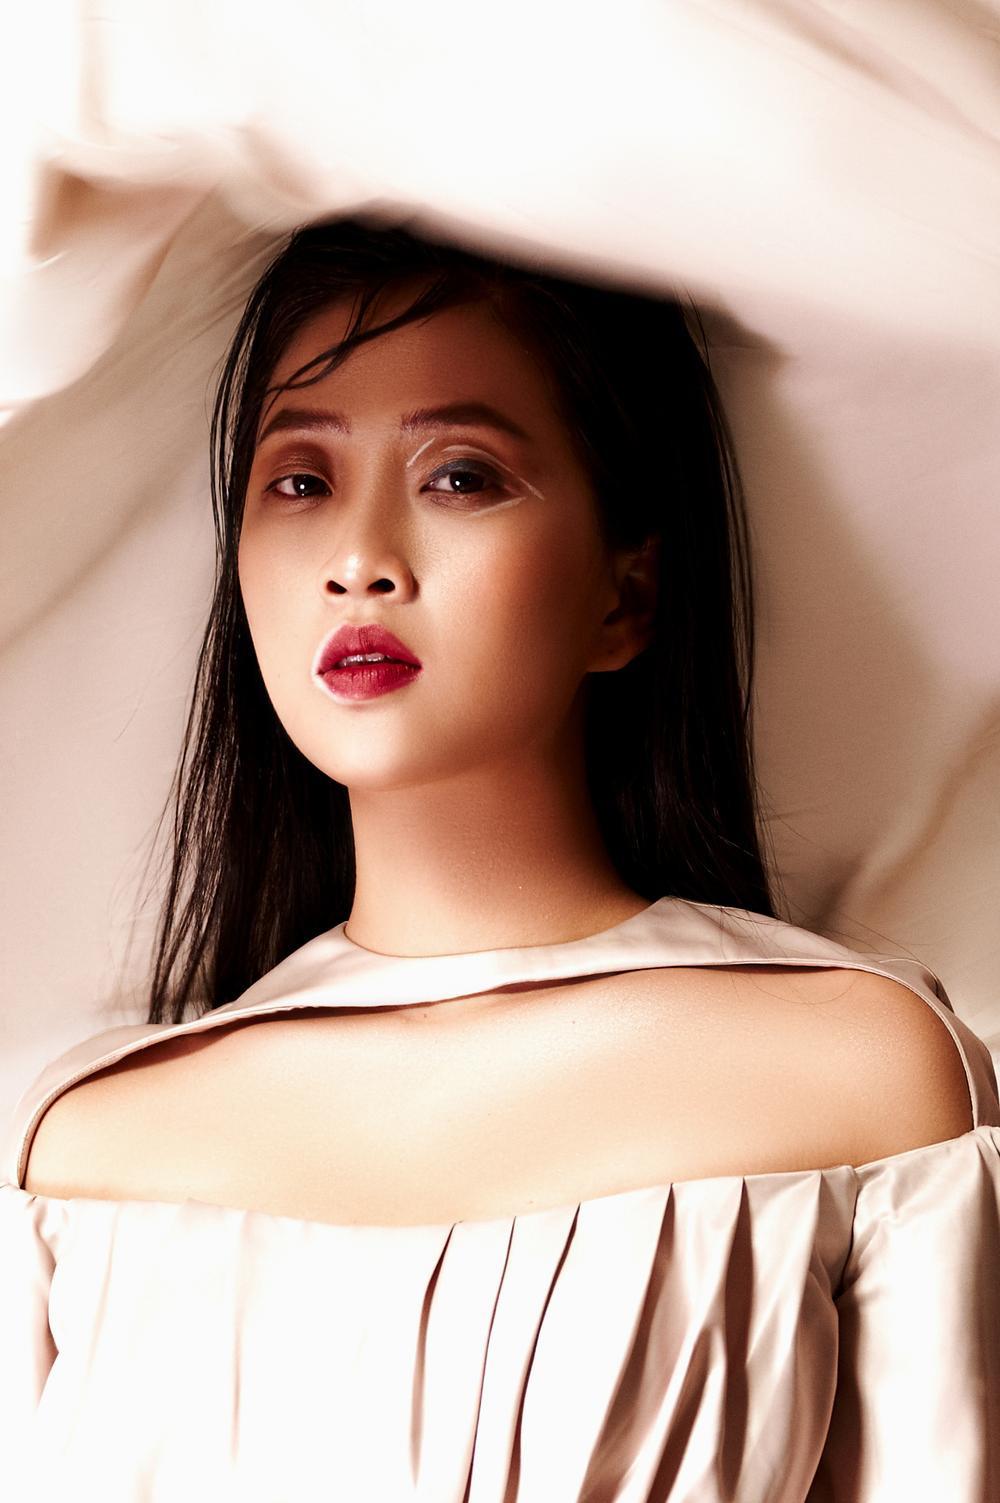 Liêu Hà Trinh đẹp ma mị, biến hoá hình ảnh trong bộ ảnh beauty ấn tượng Ảnh 8